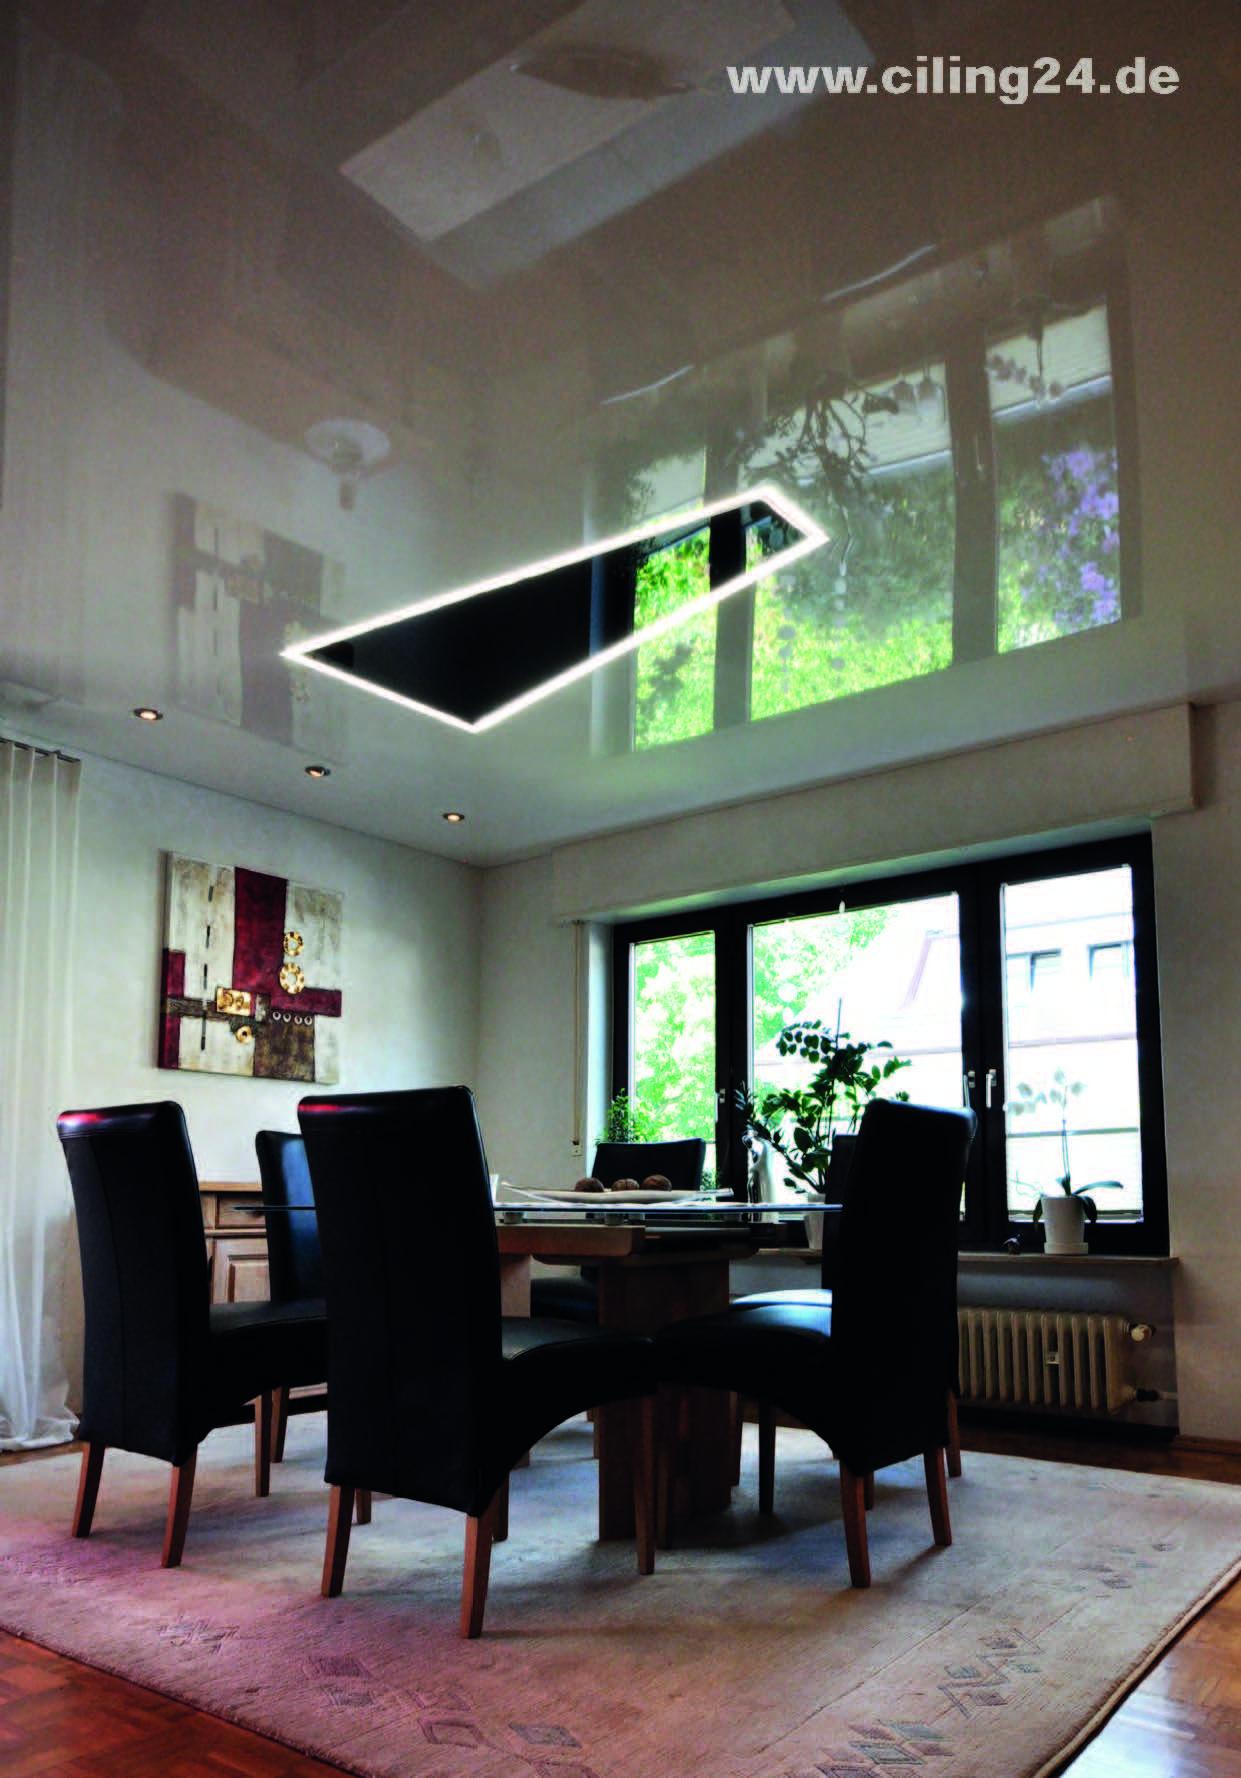 Beleuchtung Esszimmer Lichtelement Schwarz Ciling Haus Deko Zimmer Licht